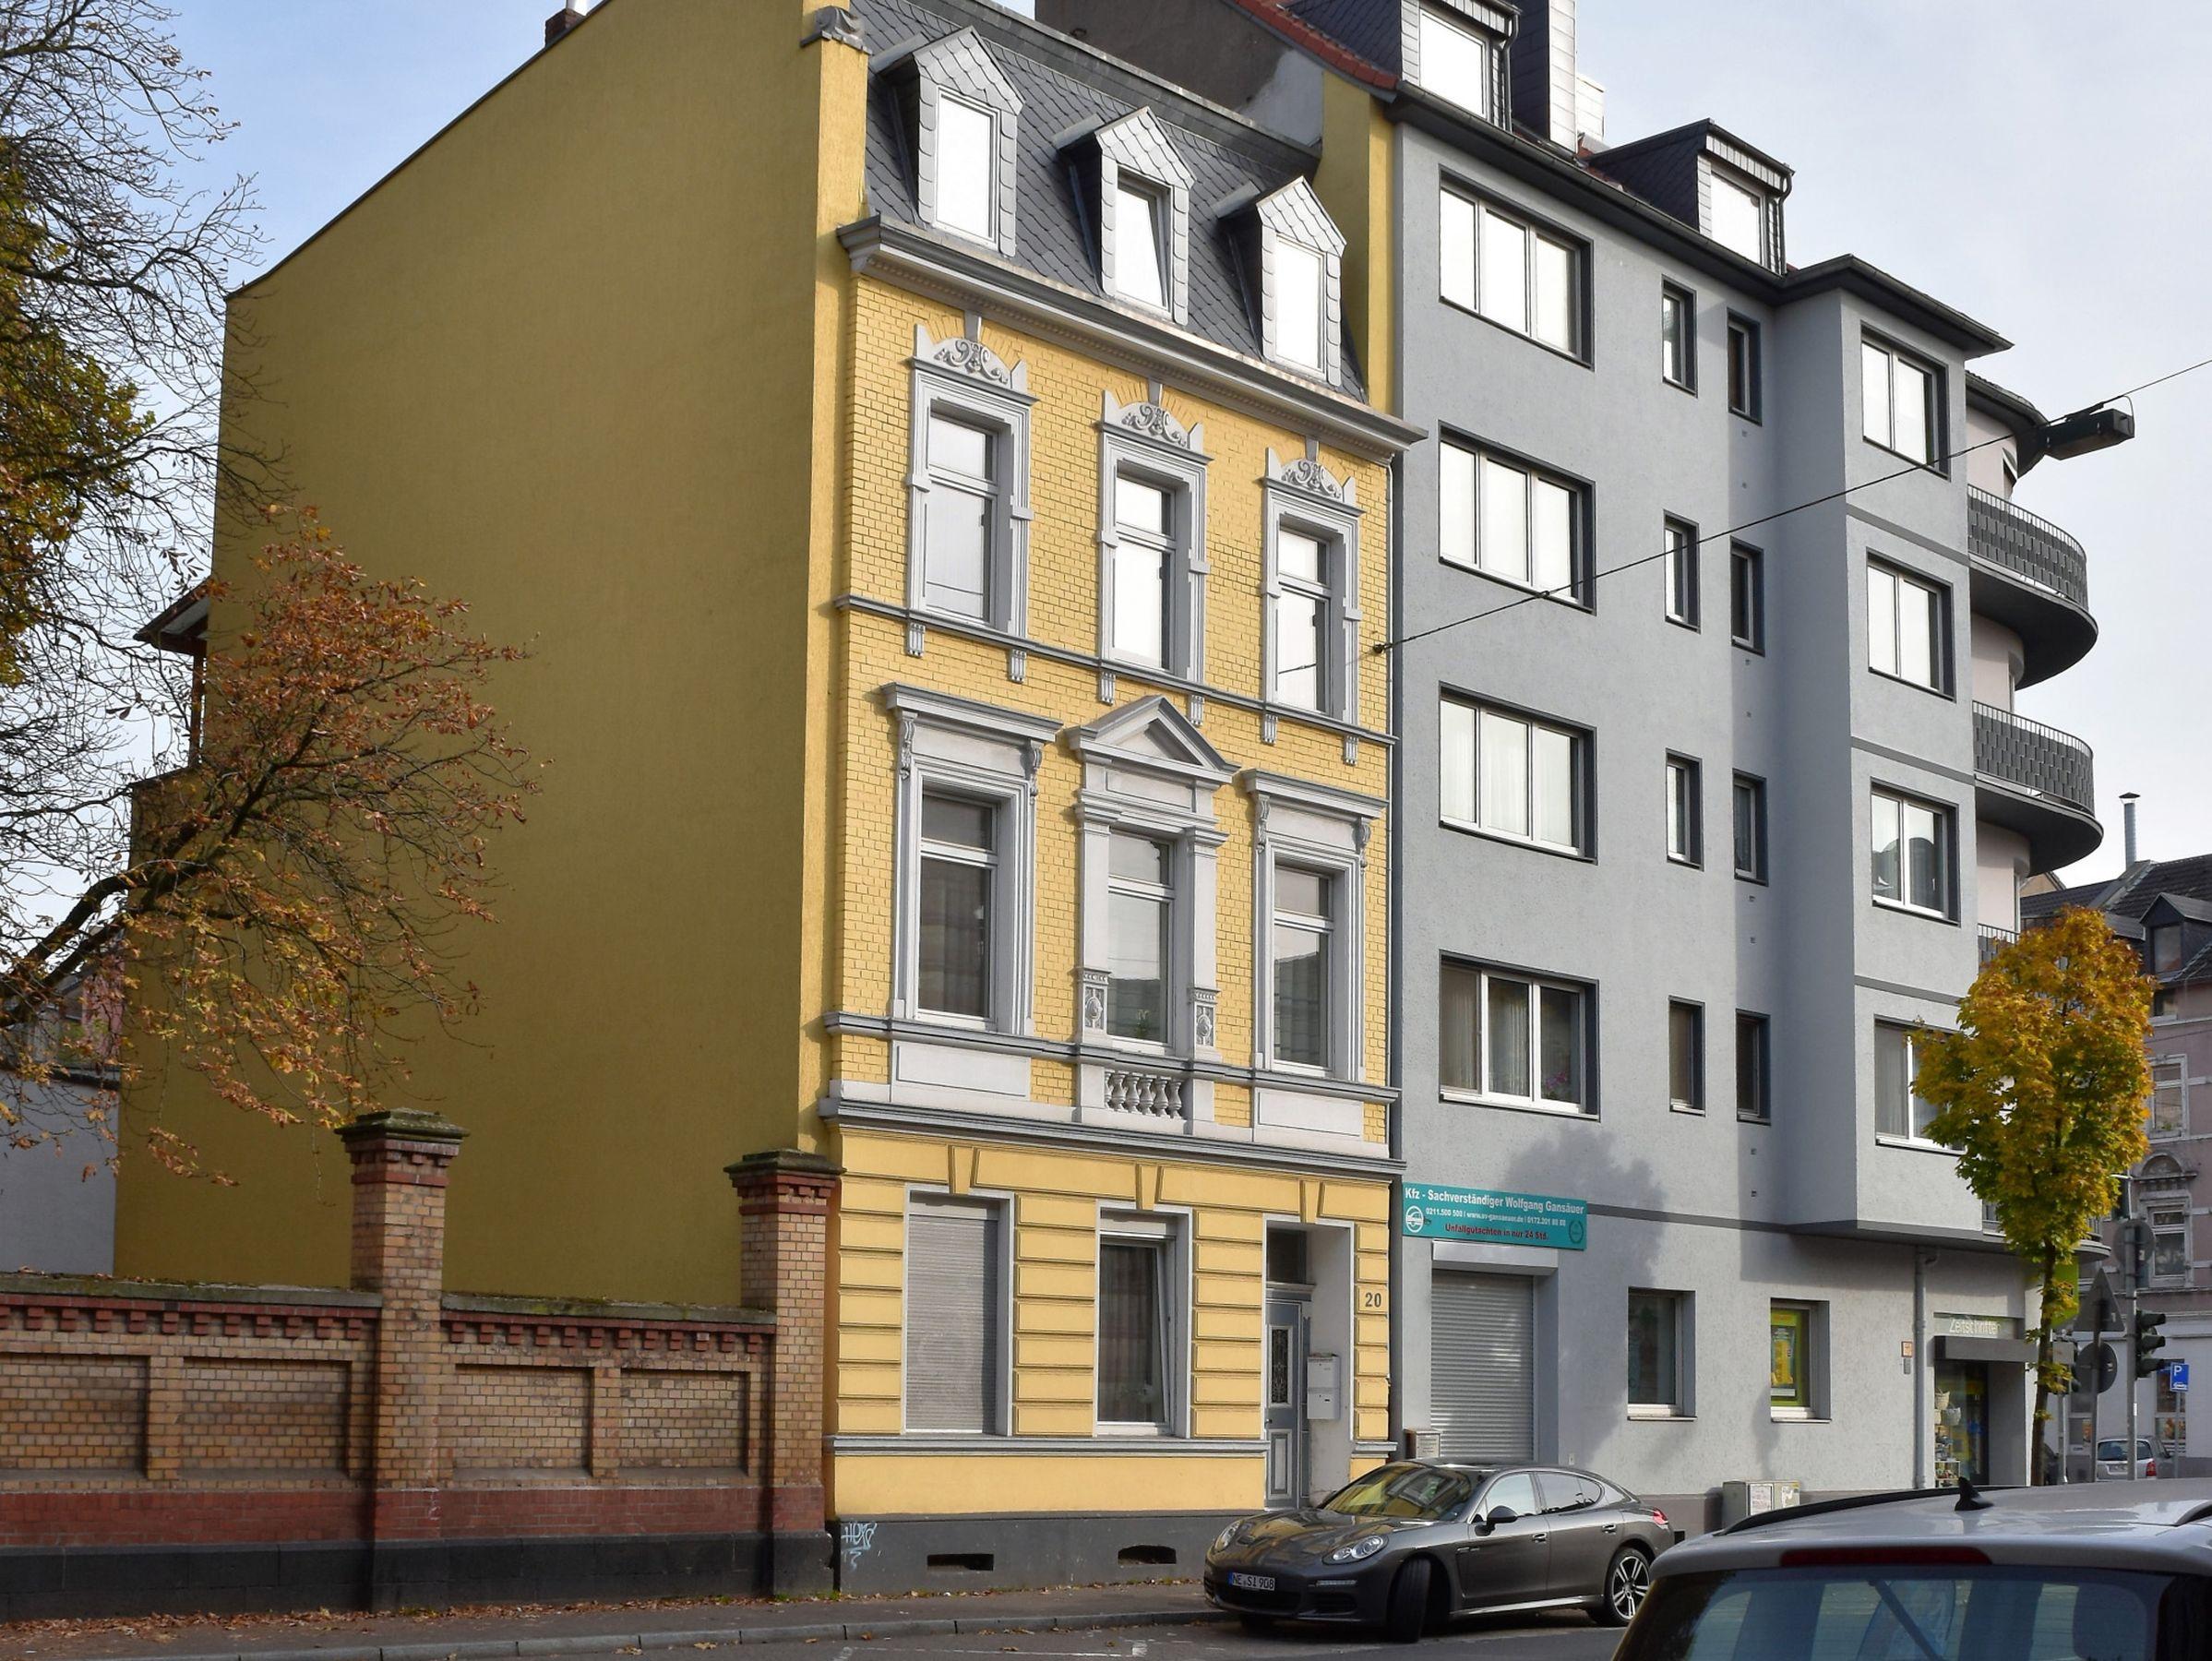 Ferienwohnung Düsseldorf D05-D08, (Düsseldorf). Ferienwohnung D08, 70 qm, 2 Schlafzimmer, 1 Wohn-/Schlafzimmer, max. 7 Personen